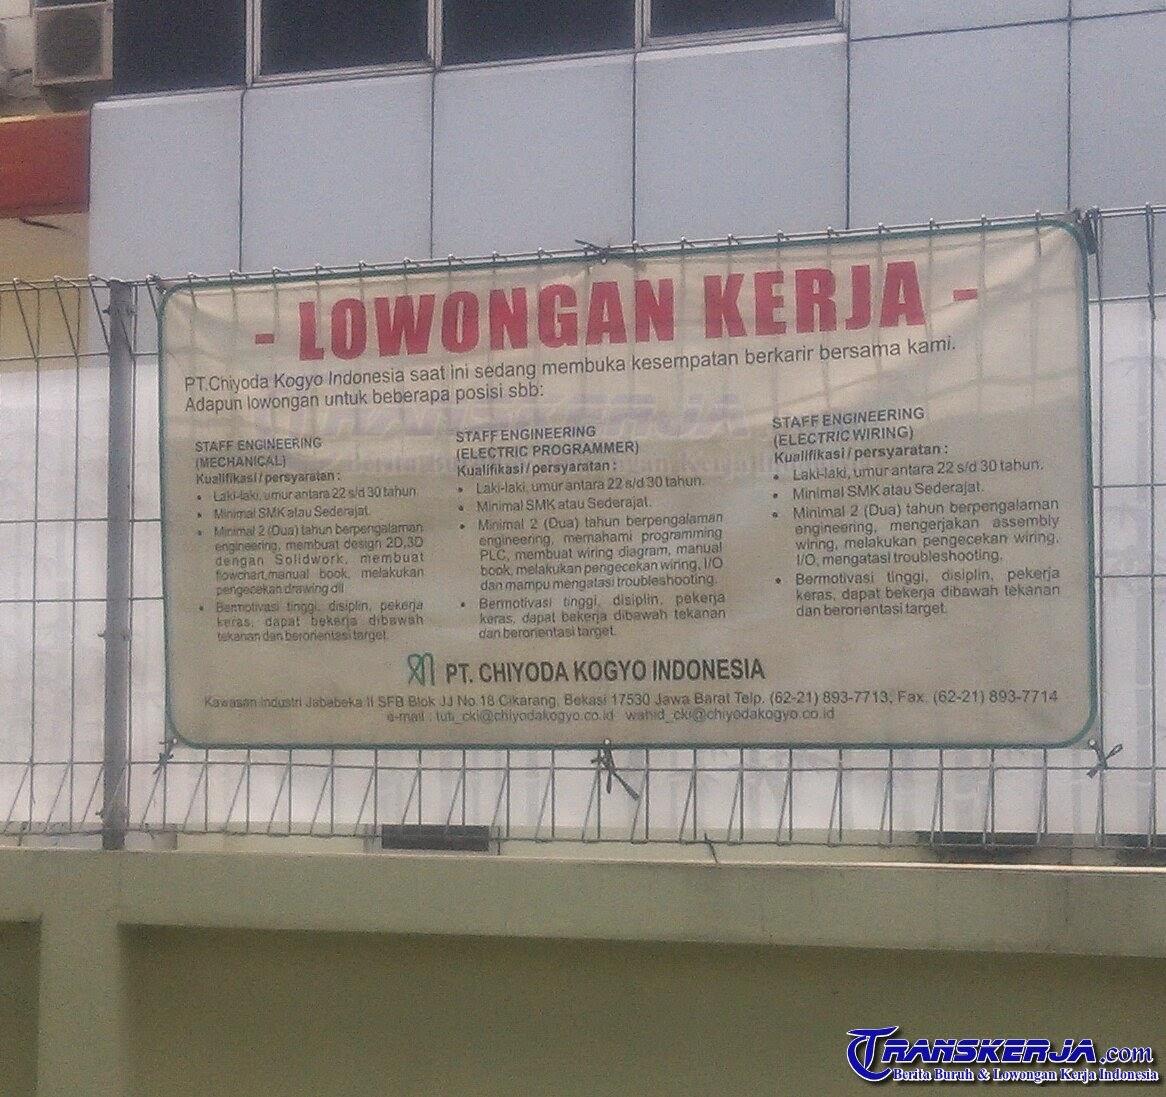 Lowongan Kerja Admin Di Cikarang Jababeka Lowongan Kerja Medan Juli Agustus 2016 Update Lowongan Jababeka Ii Cikarang Portal Berita Lowongan Kerja Indonesia 2015